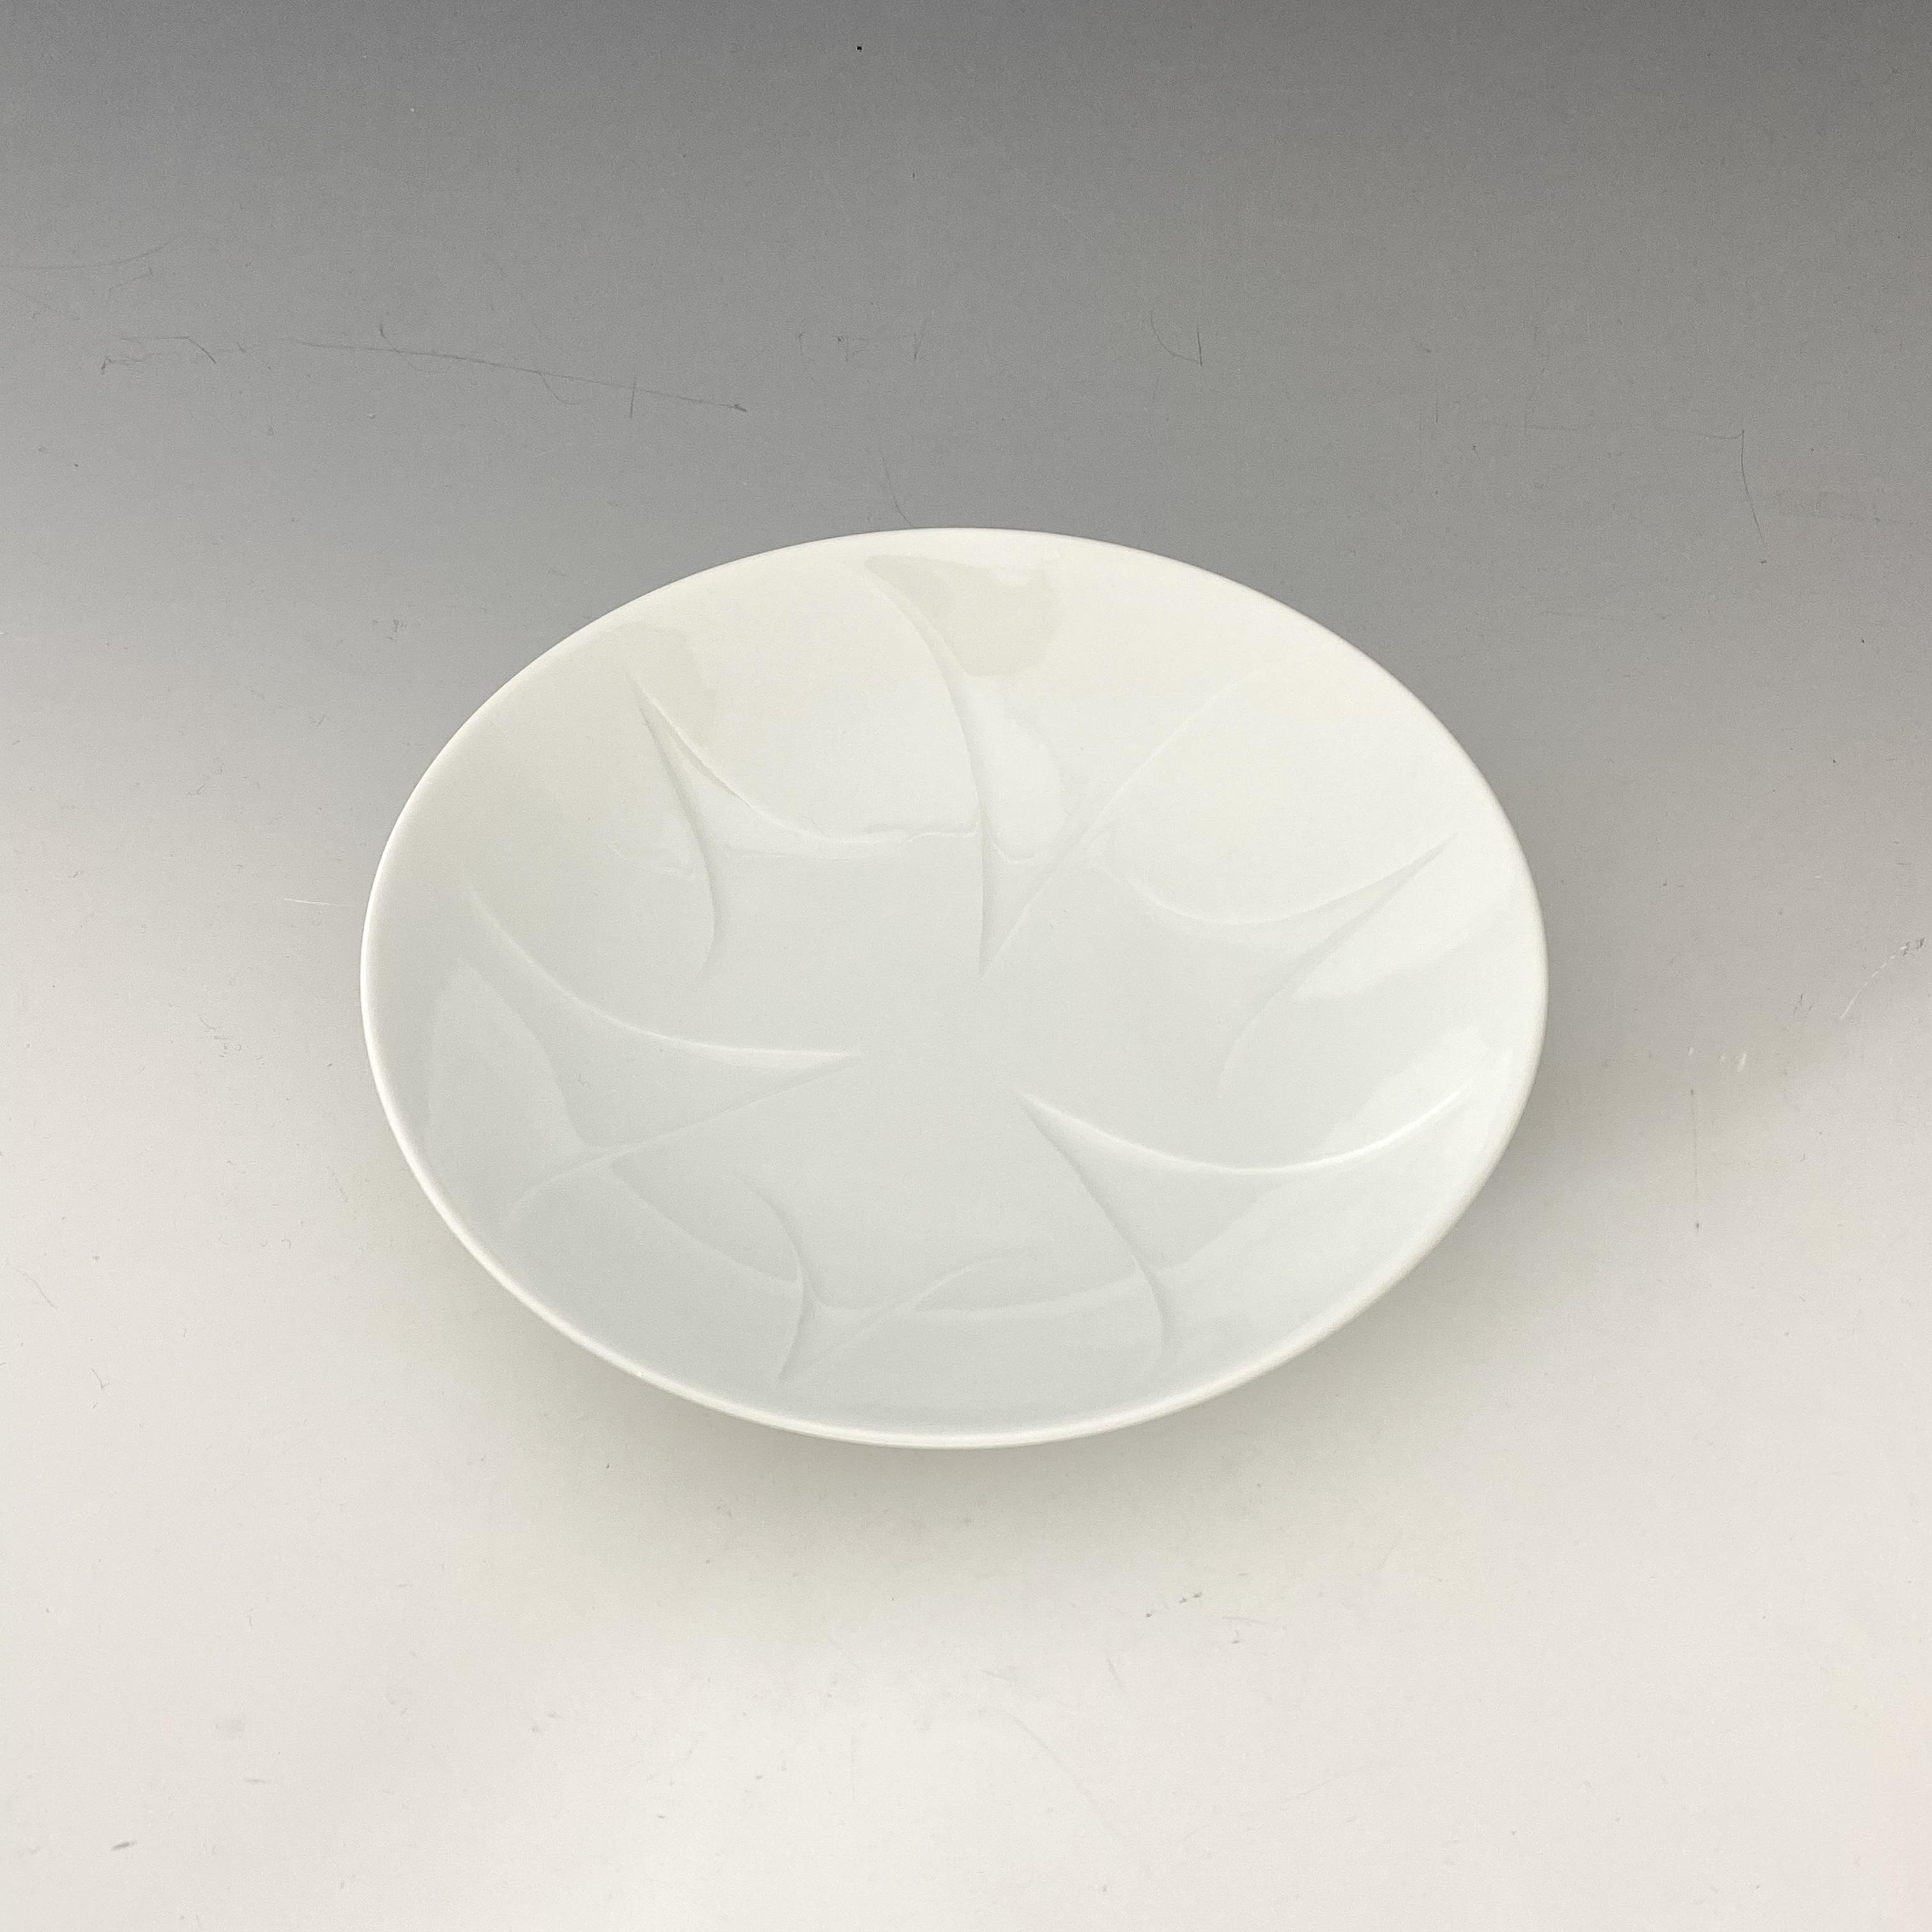 【中尾純】白磁彫皿